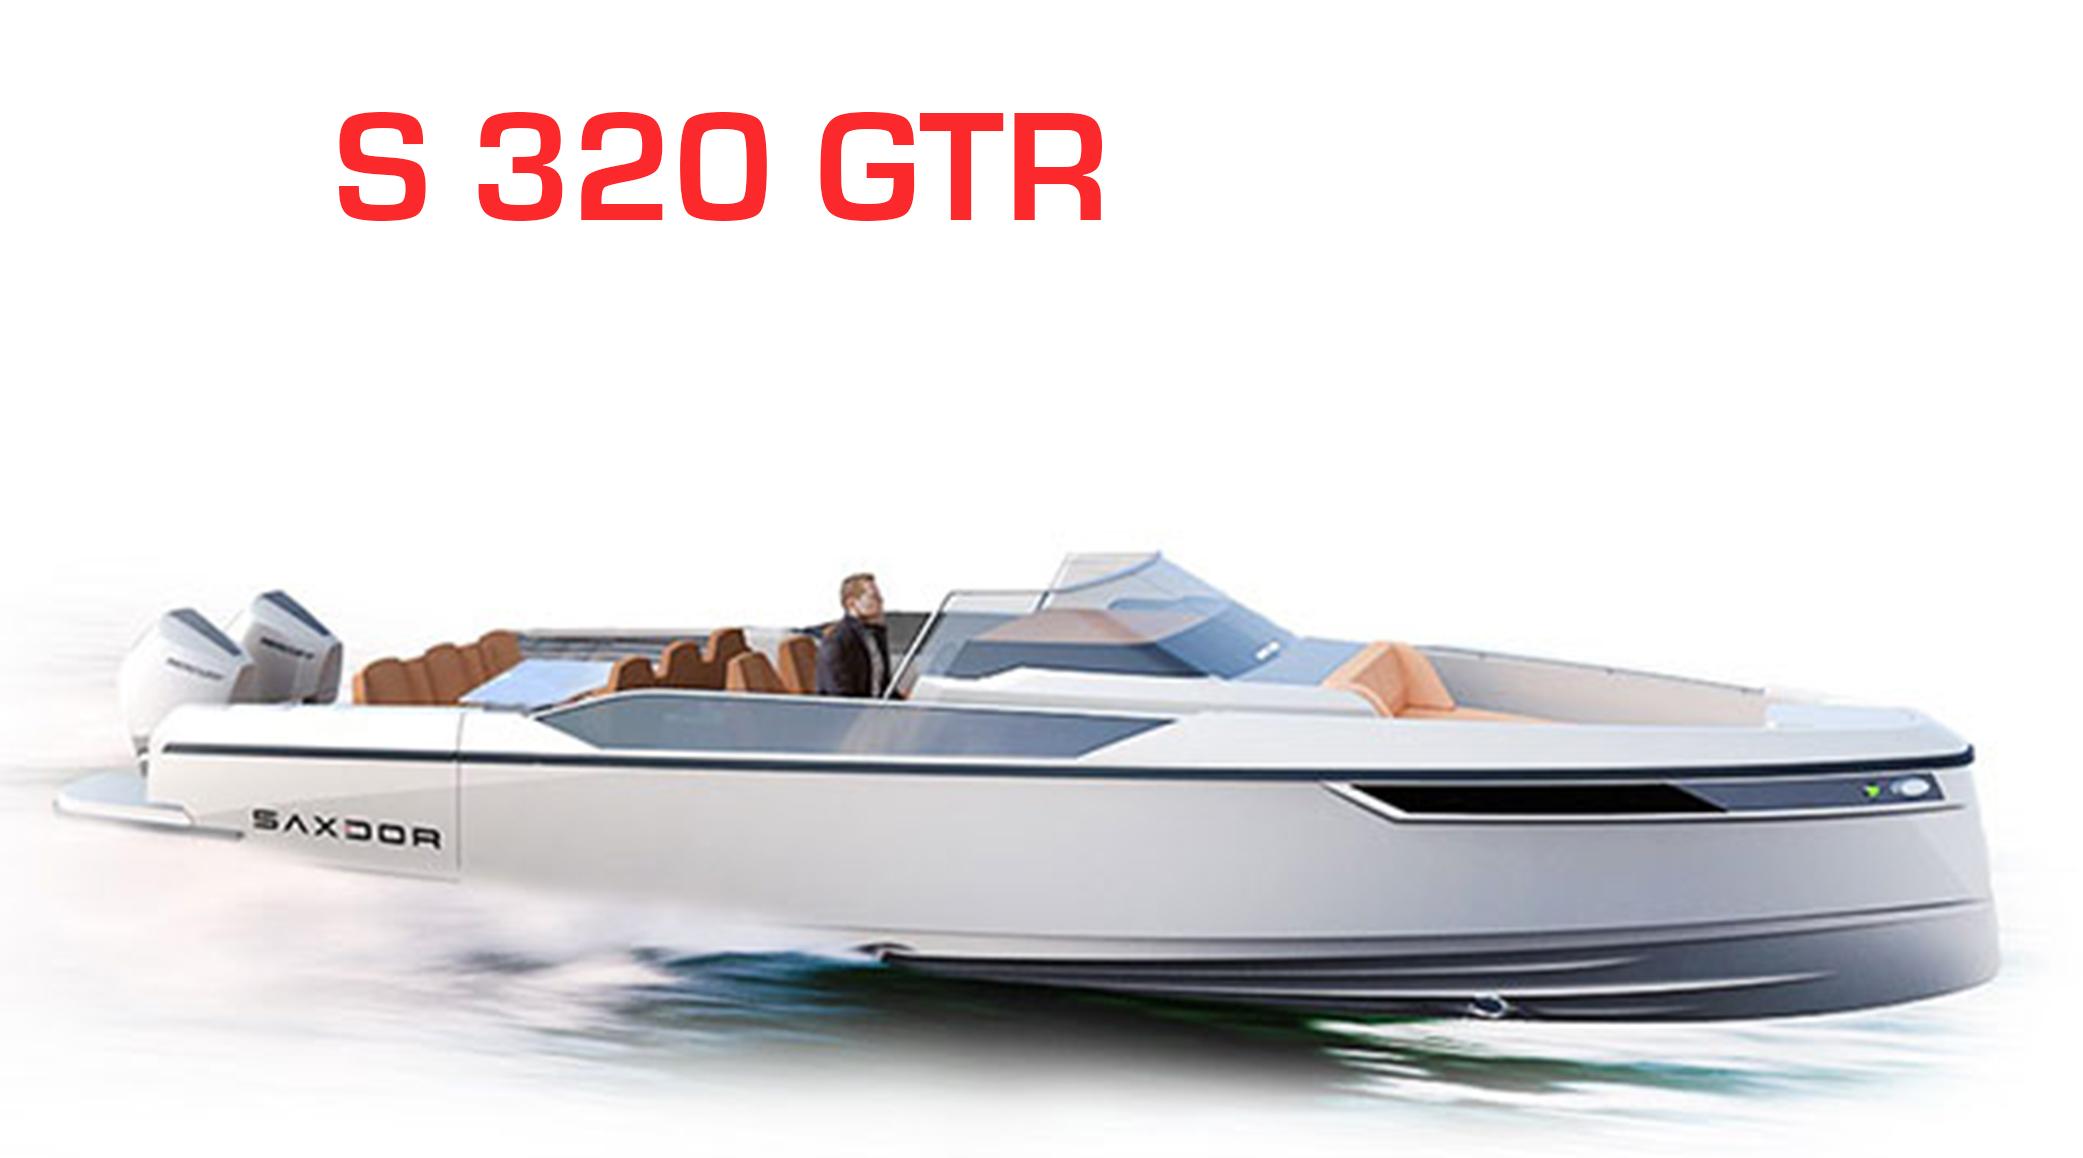 S 320 GTR